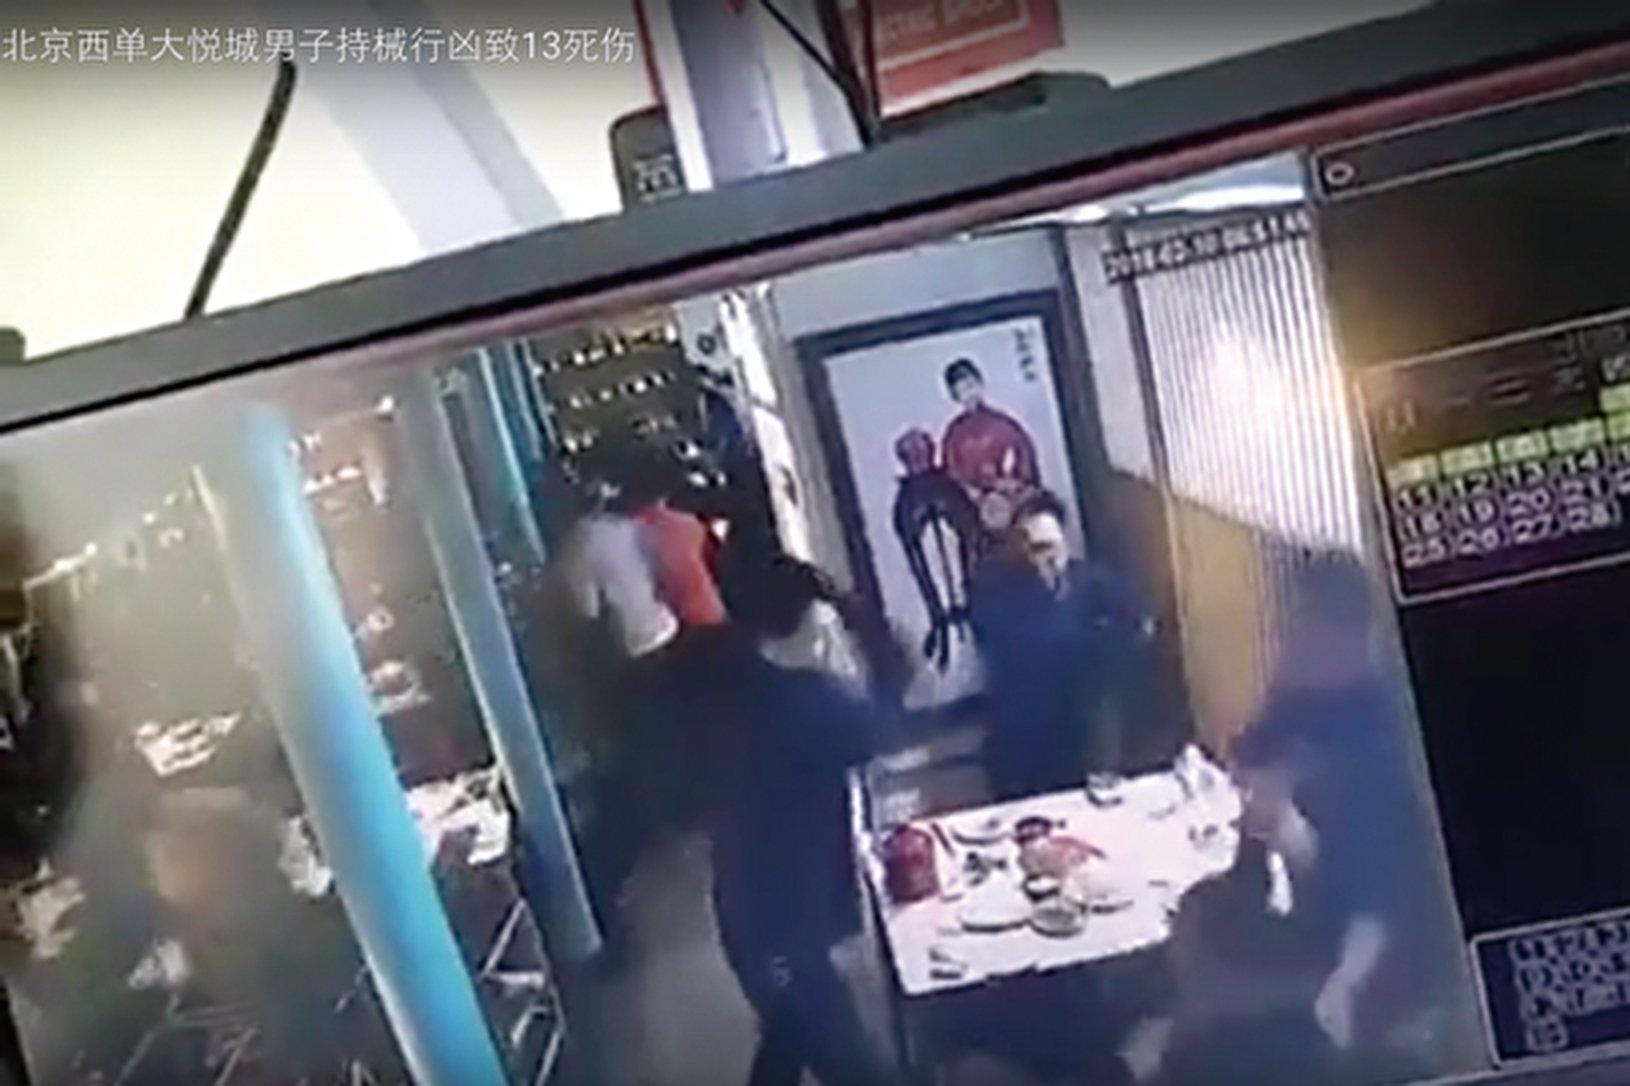 2月11日,北京西城區西單大悅城商場內發生持械行兇事件,致多人受傷。(視頻截圖)